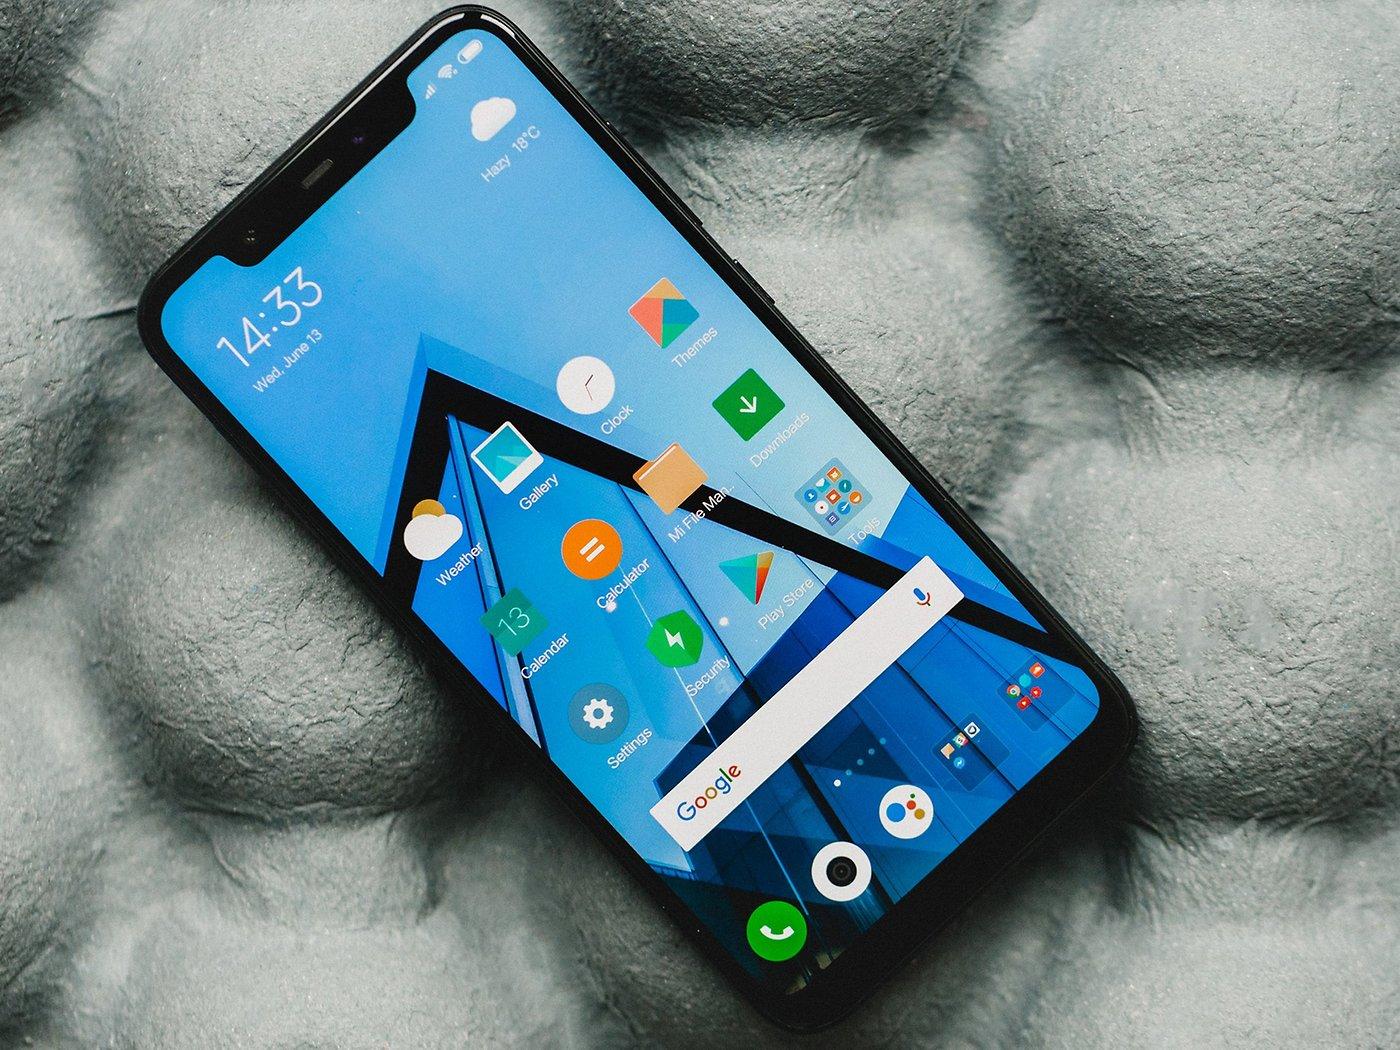 Xiaomi Mi 8 Im Display Test Nur Ein Wenig Besser Als Das Mi Mix 2s